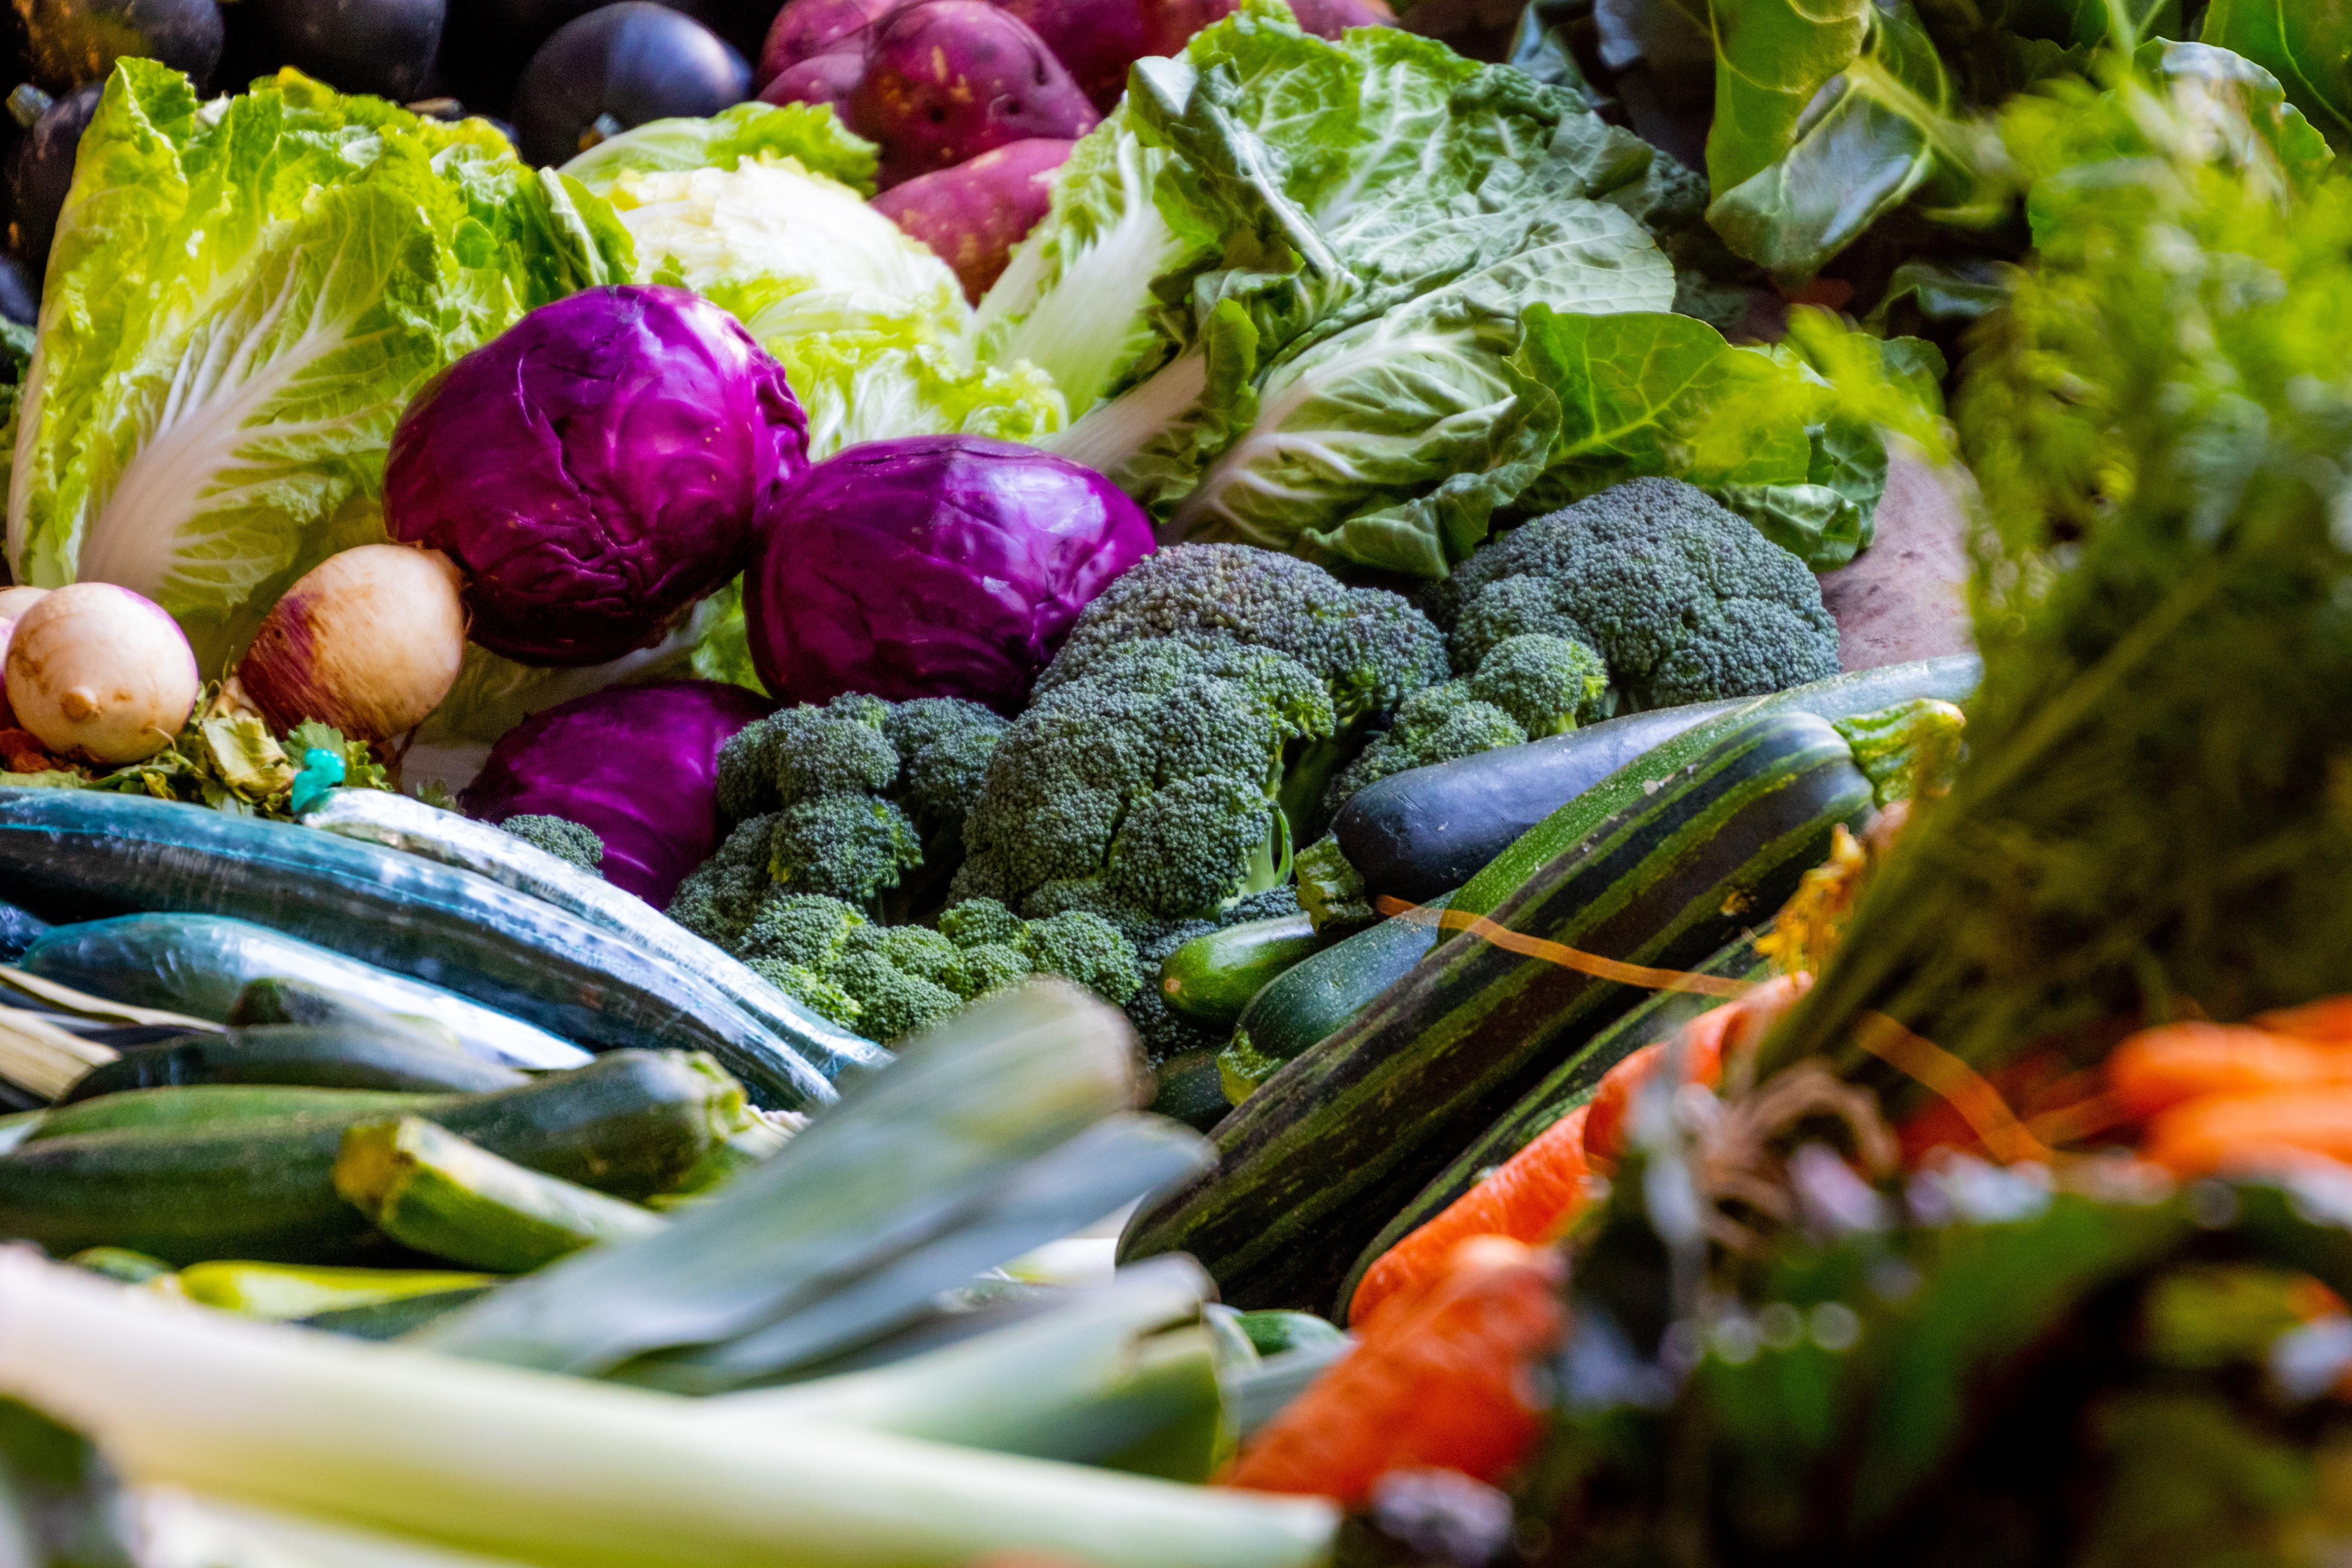 Akce Disco salát nabídne veřejnosti salát ze zachráněné zeleniny